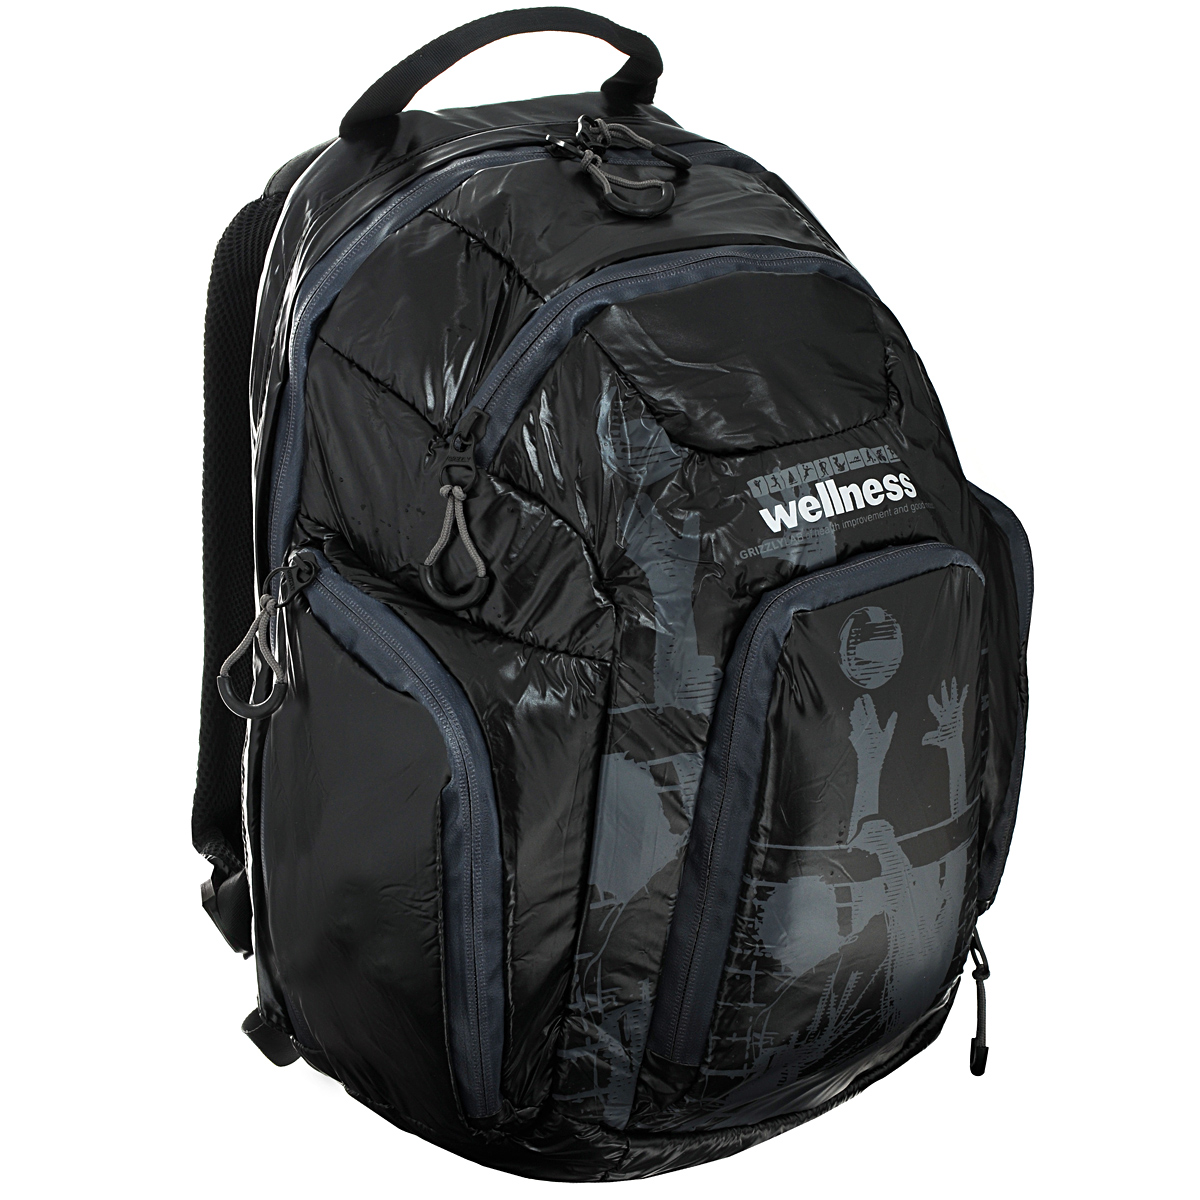 Рюкзак молодежный Grizzly, цвет: черный, серый. RU-417-15376Стильный молодежный рюкзак Grizzly выполнен из нейлона черного цвета и оформлен оригинальным принтом. Рюкзак оснащен одним большим отделением, закрывающимся на застежку-молнию. На передней стенке расположено 2 кармана, закрывающихся на застежки-молнии. По бокам 2 объемных кармана с застежками-молниями. Внутри расположен карман. Рюкзак оснащен лямками, мягкой спинкой и текстильной ручкой для удобной переноски.